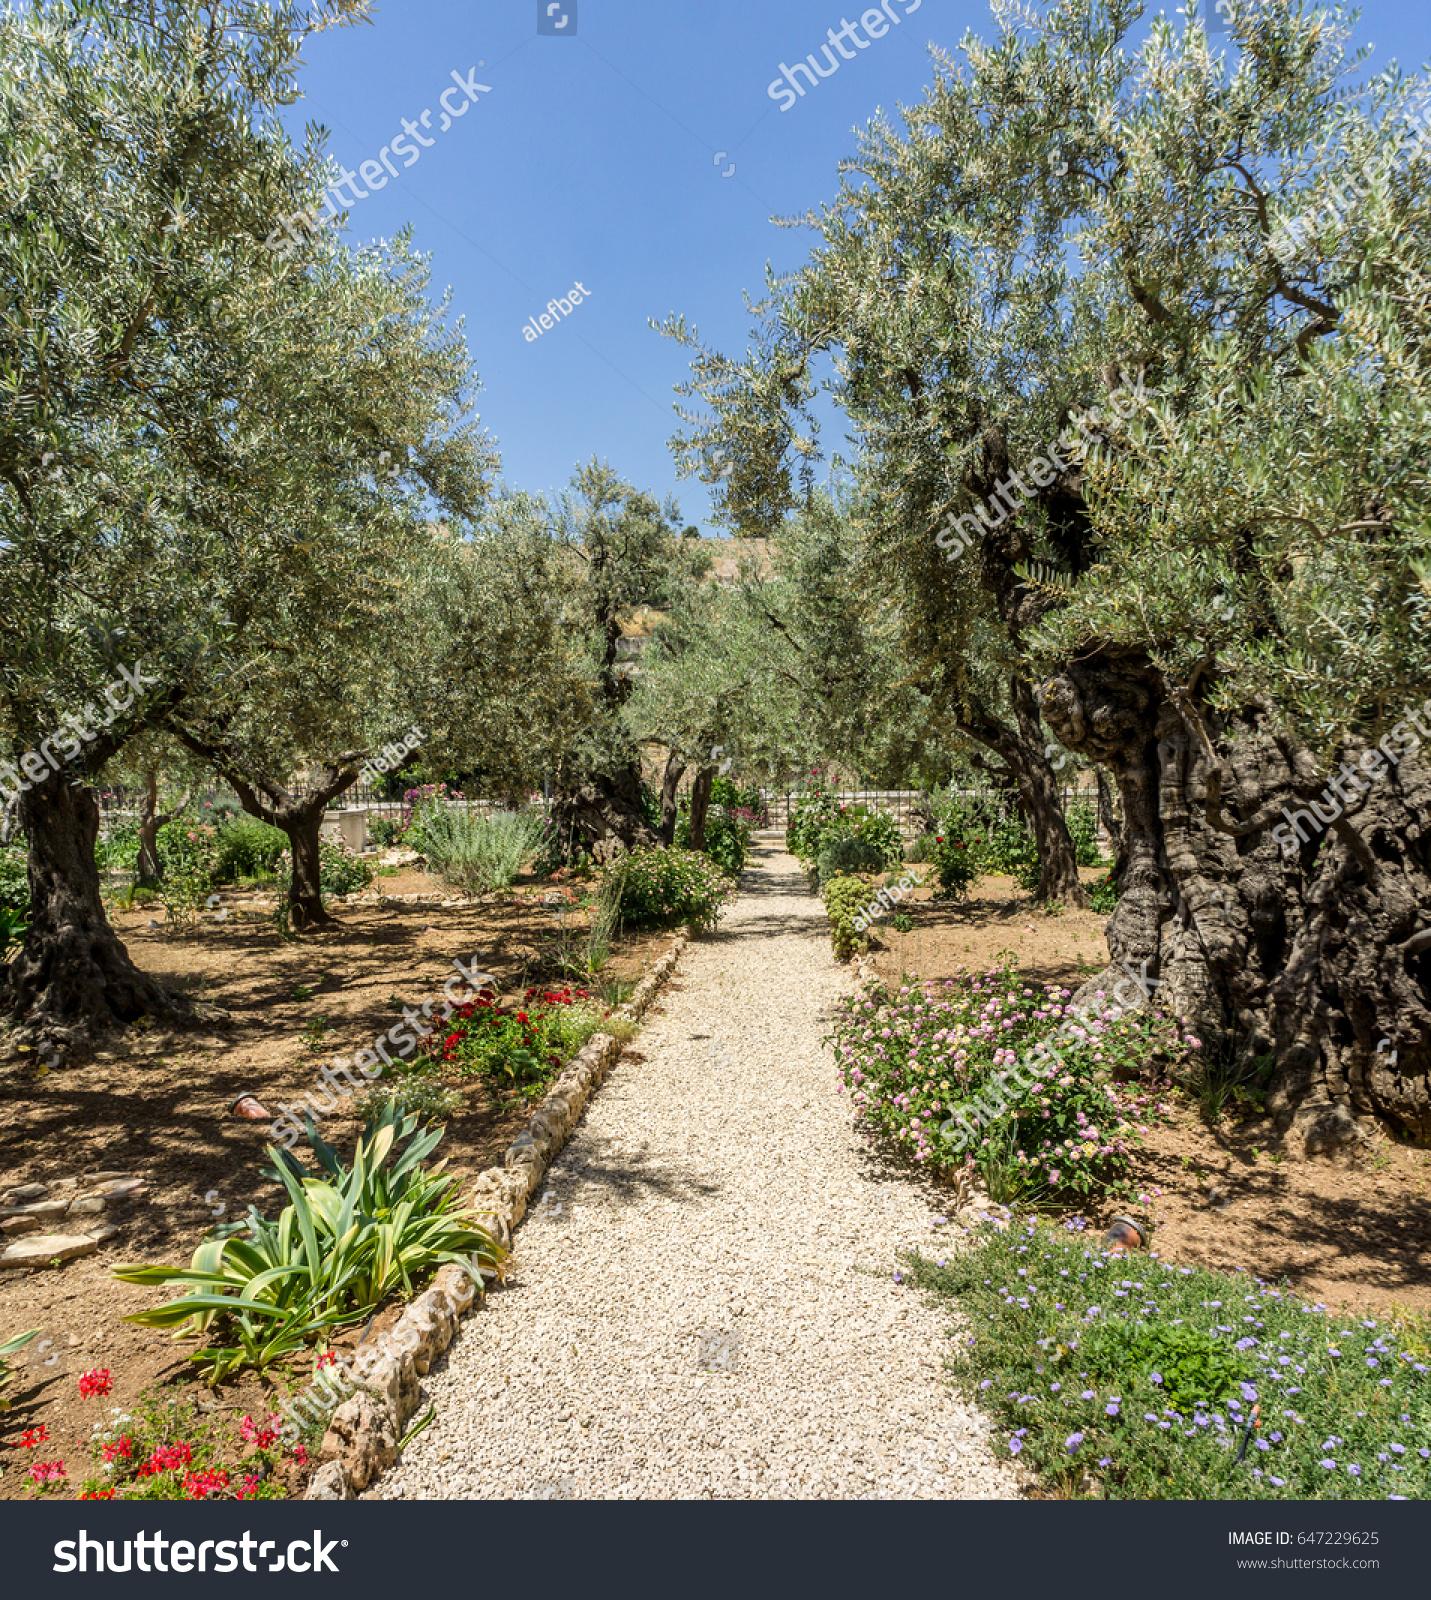 Gethsemane garden at the foot of the Mount of Olives in Jerusalem ...